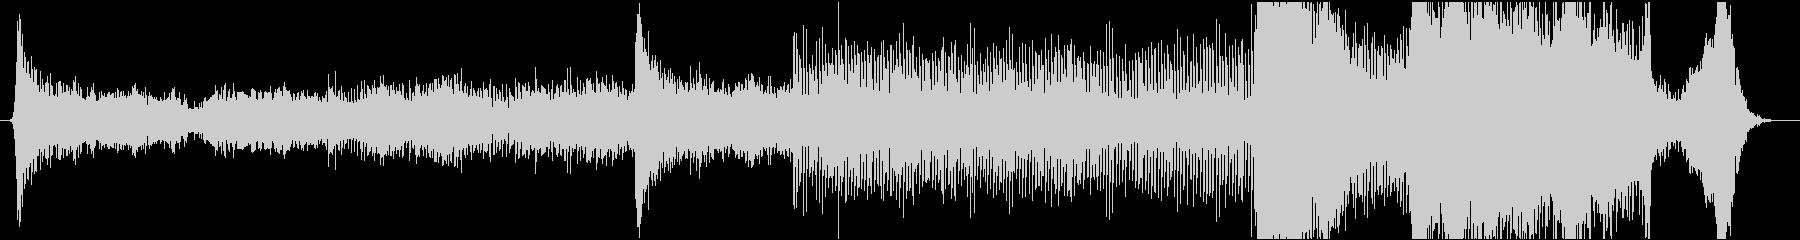 現代的 交響曲 エレクトロ アンビ...の未再生の波形